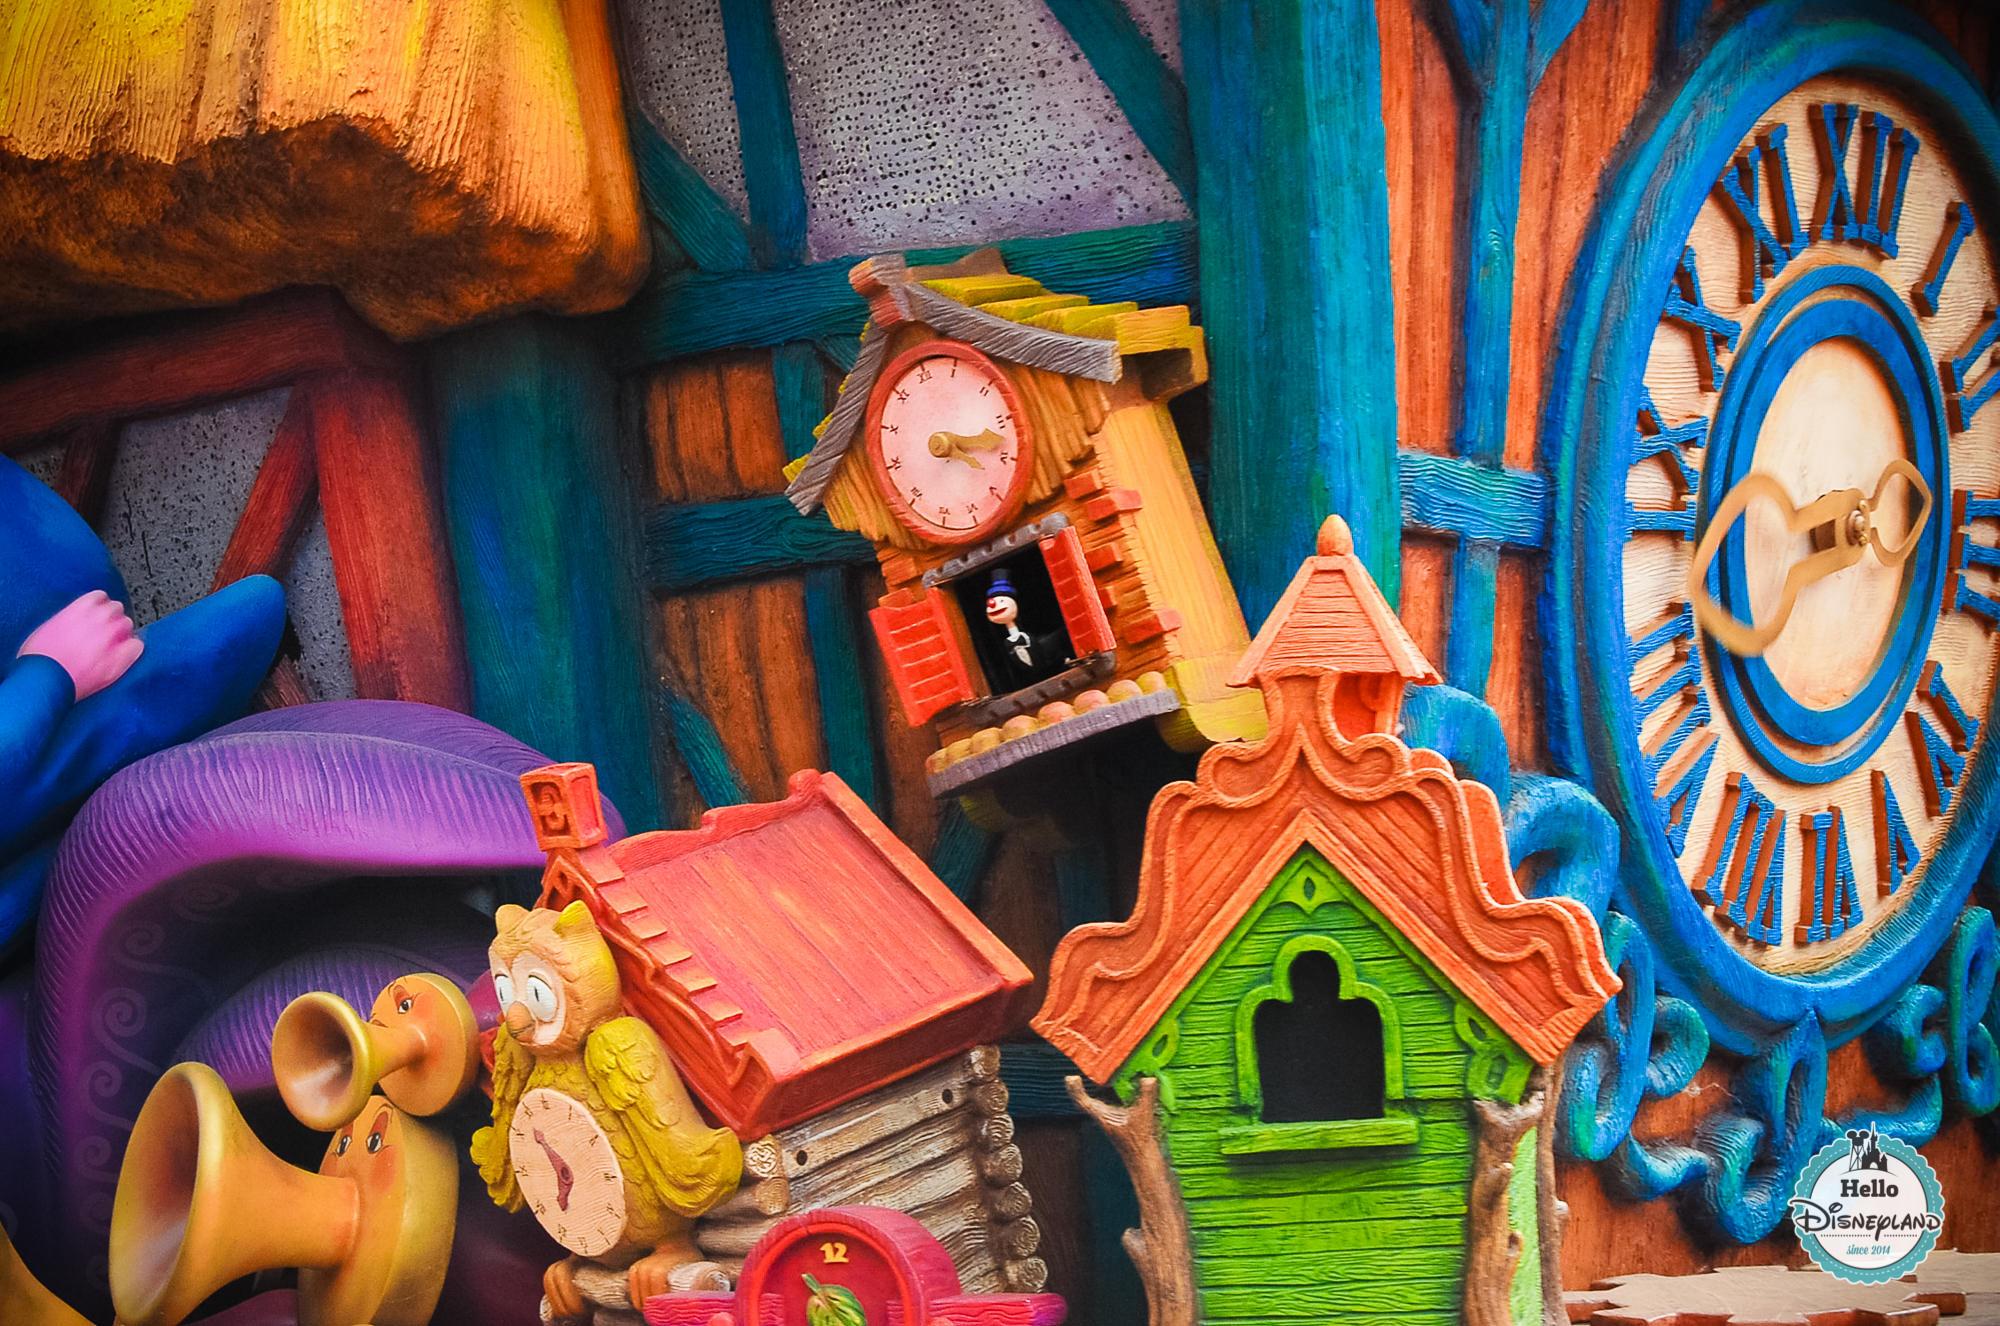 Disney Once Upon a Dream Parade - Disneyland Paris -60